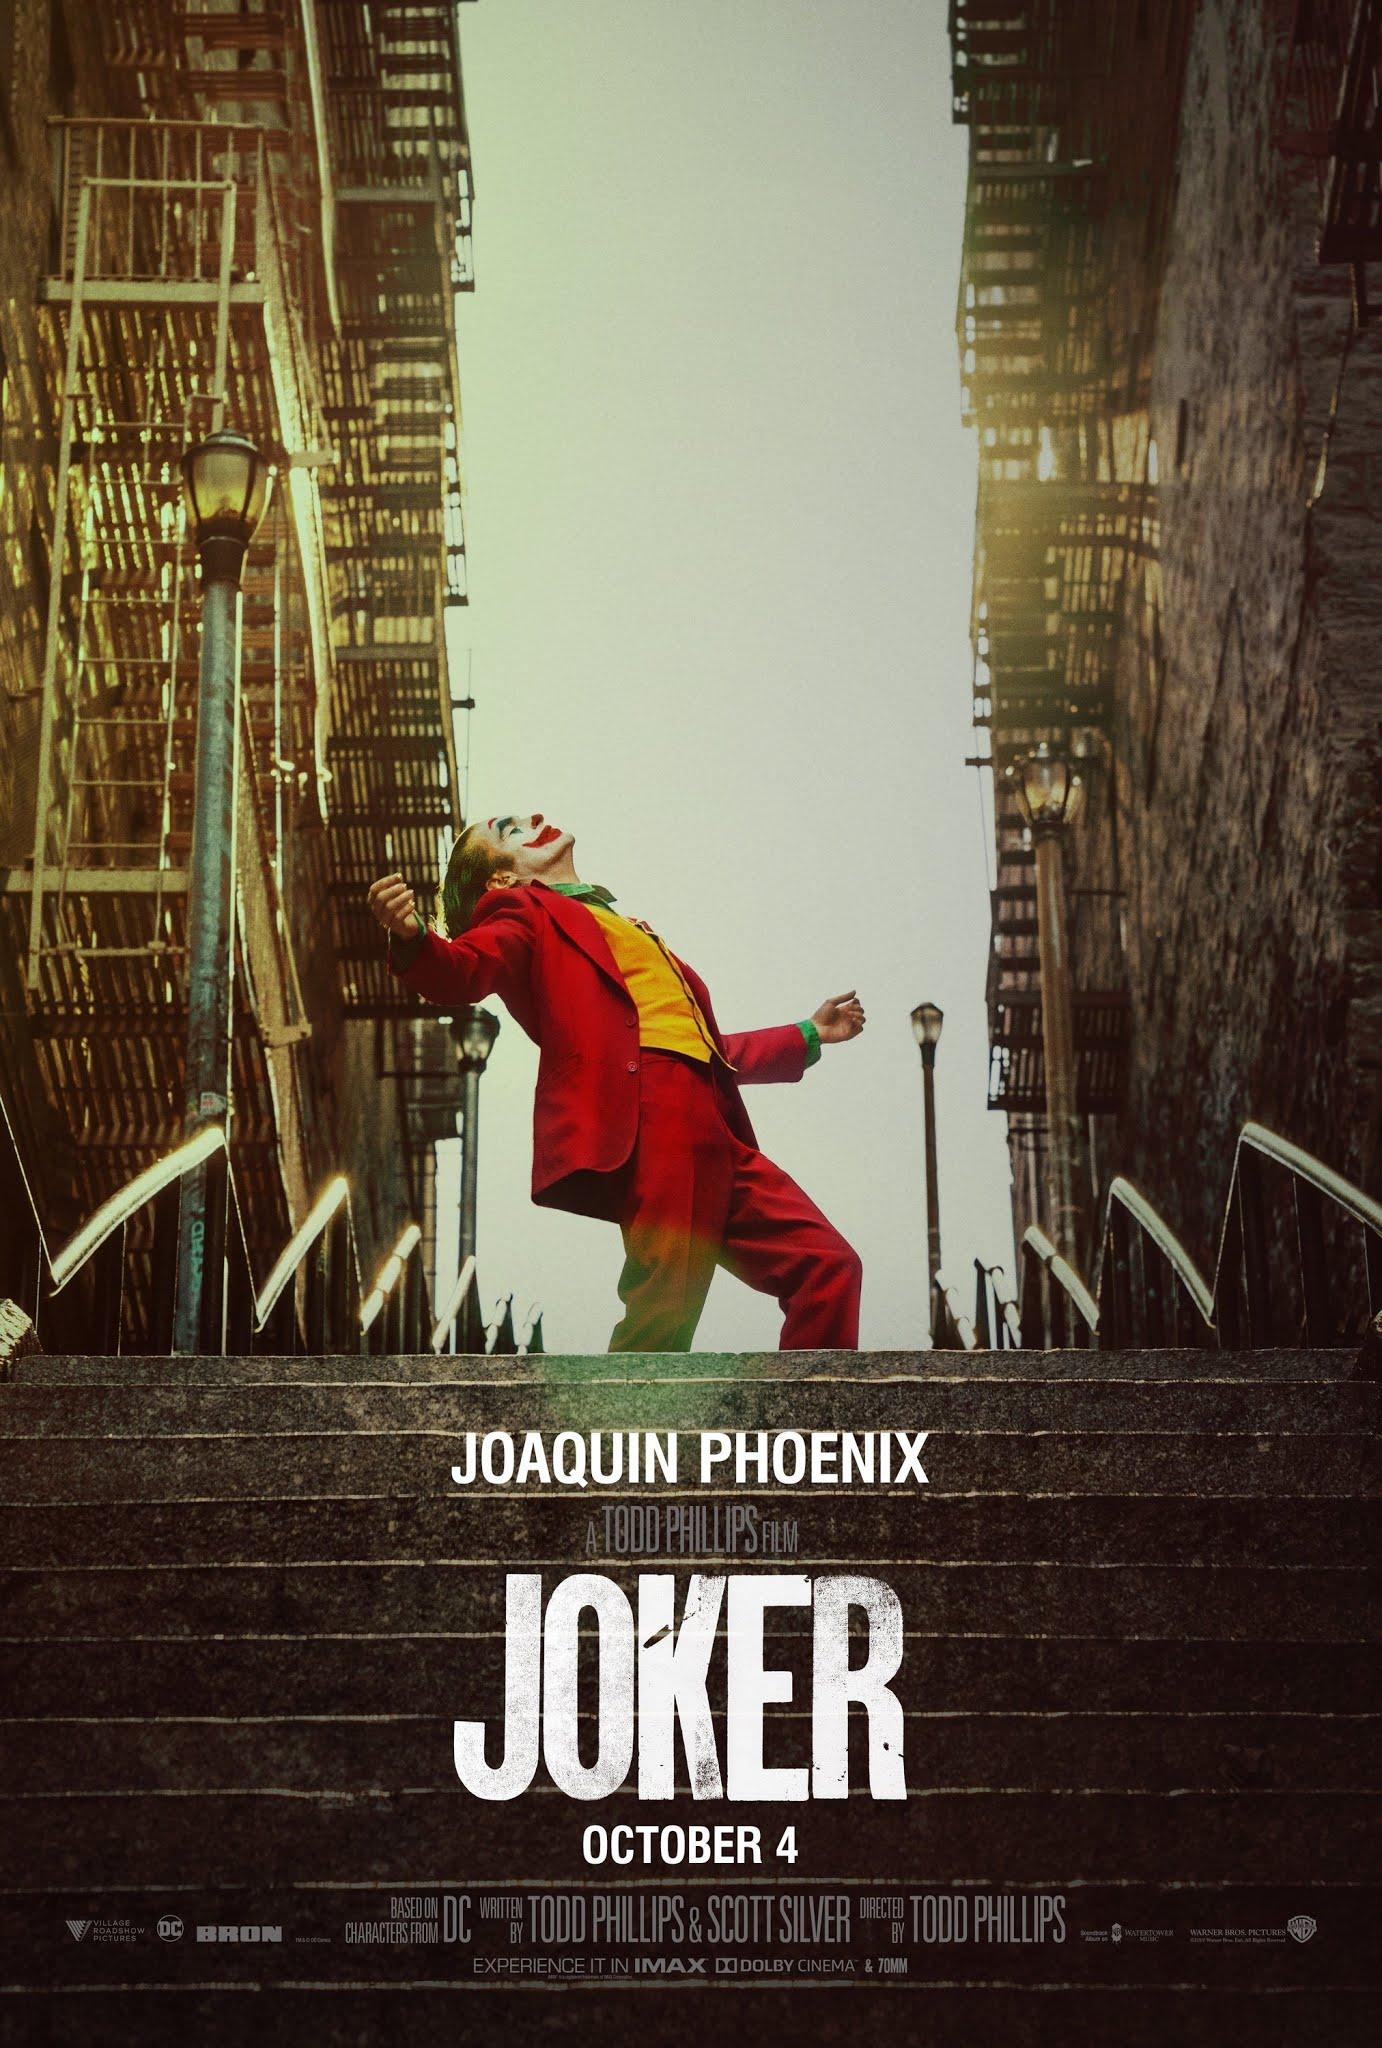 joker film recenzja joaquin phoenix robert de niro